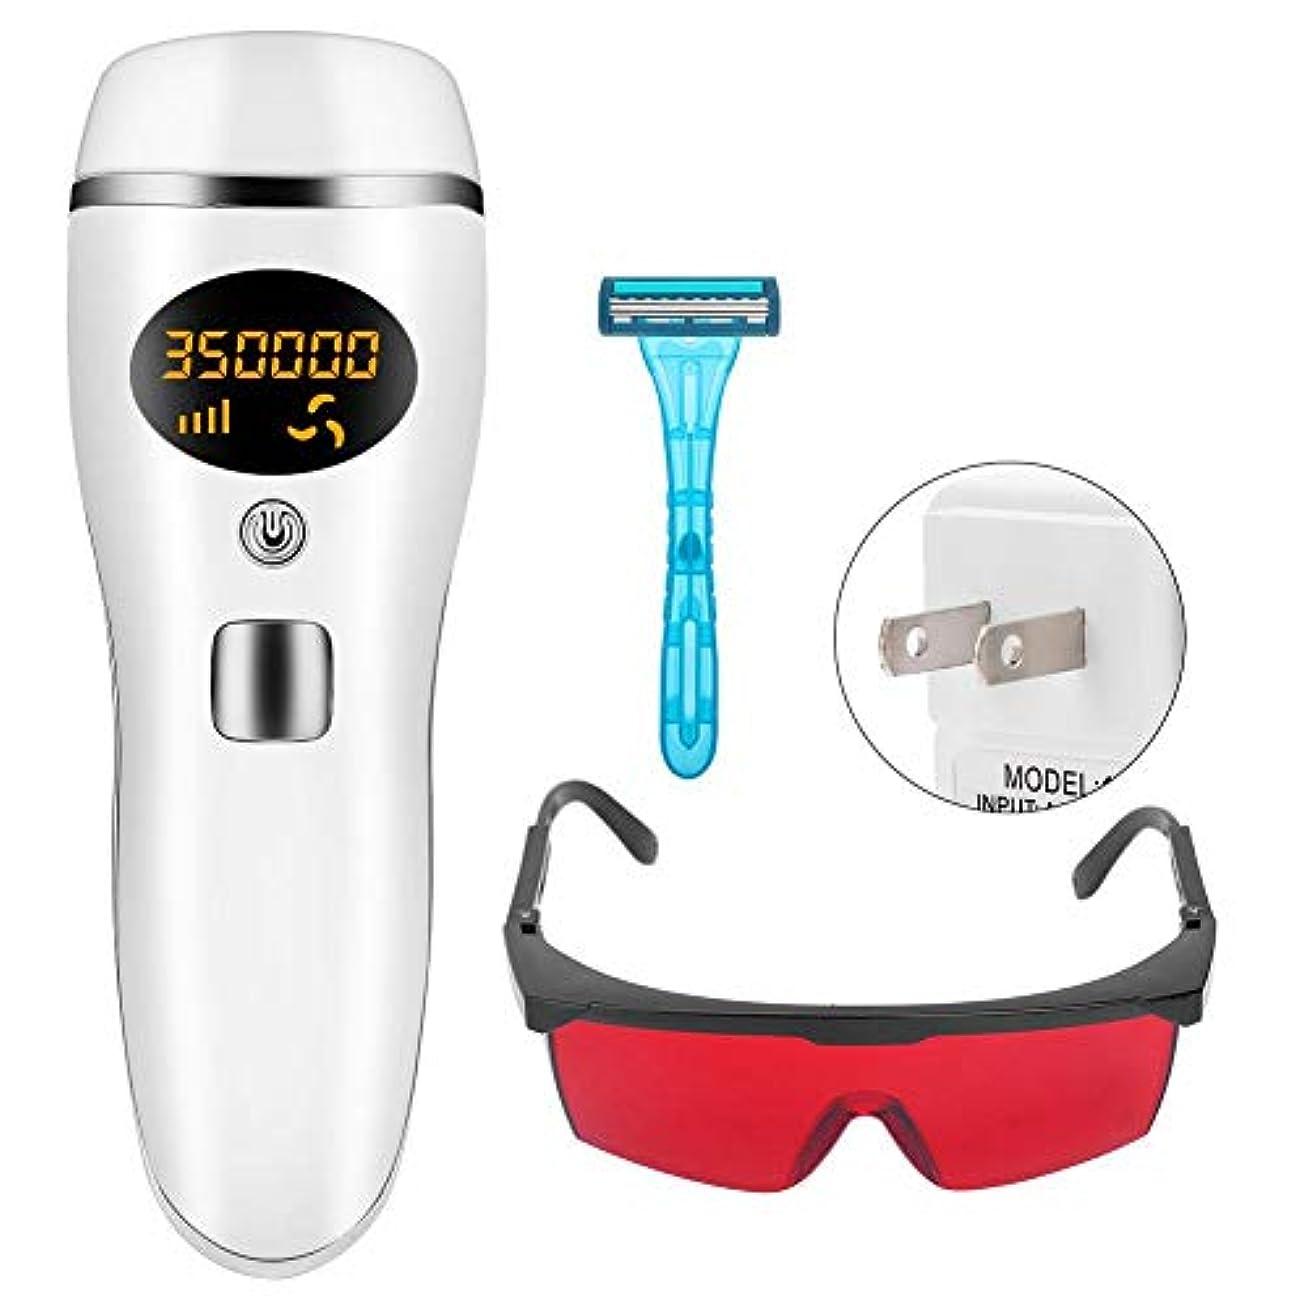 降ろすくぼみシュガー顔およびボディ永久的な毛の取り外しの多機能の痛みのない光子の脱毛剤の全身の皮は家の使用のための毛の取り外し機械を活性化させます(100V-240 V)